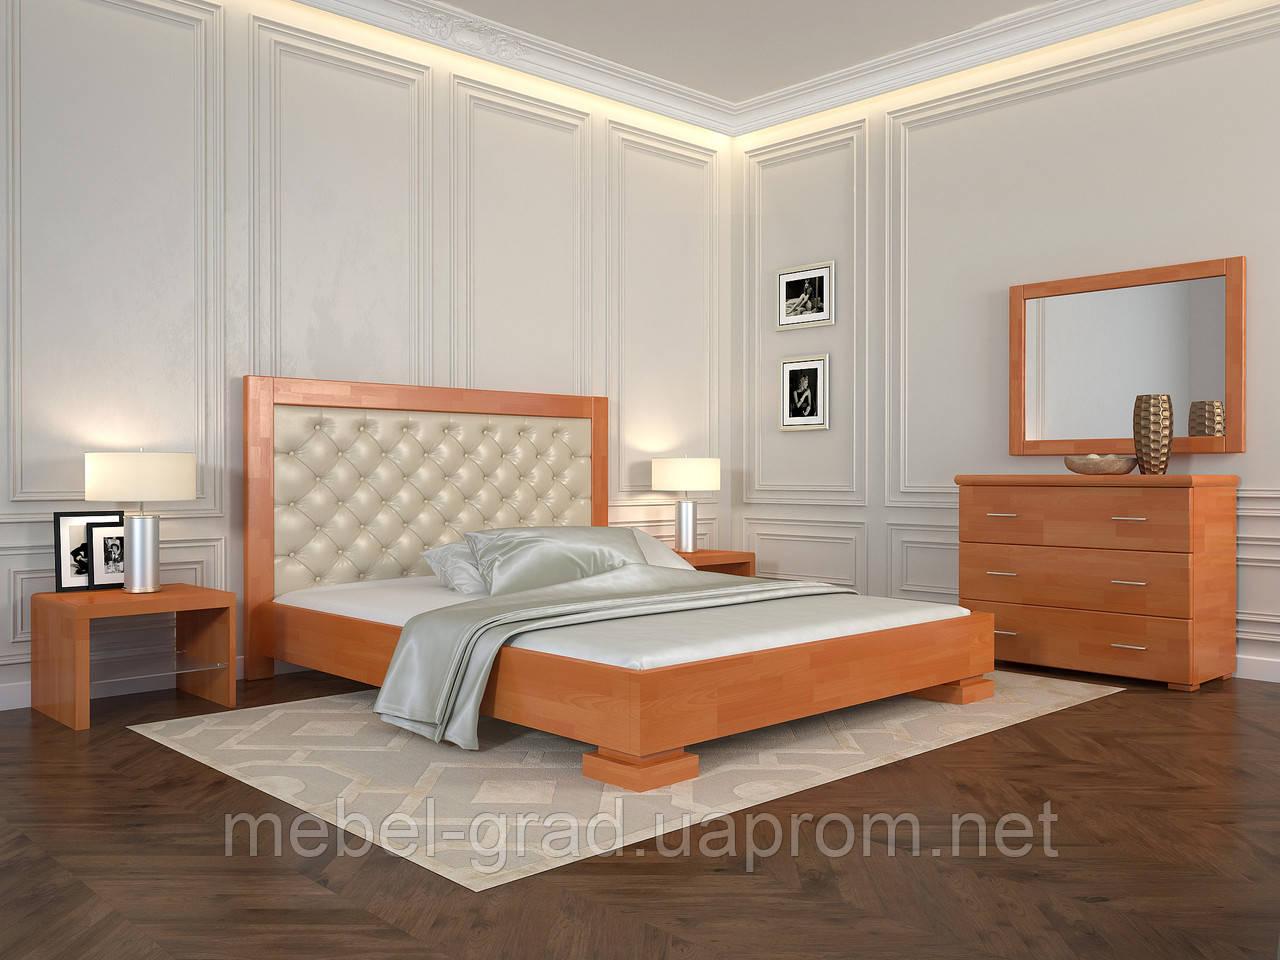 Кровать Arbordrev Подиум ромбы (180*200) сосна